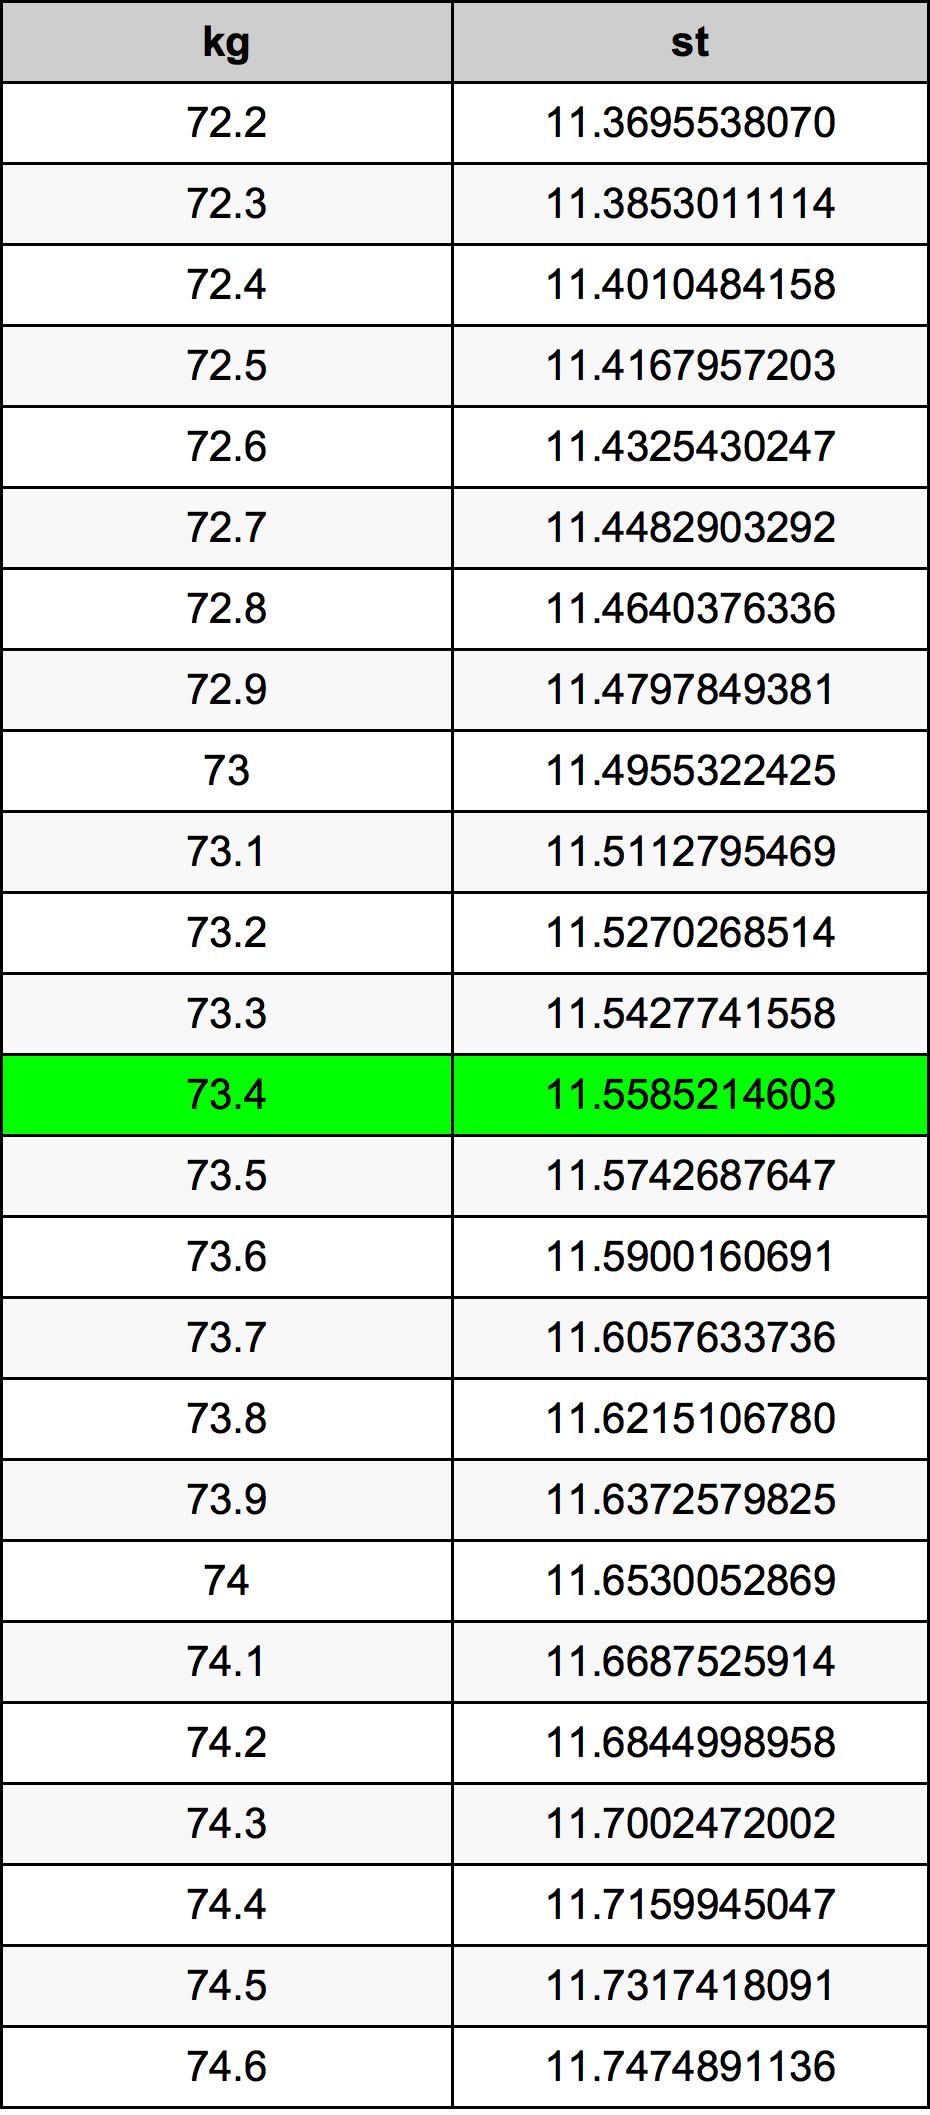 73.4 Kilogramo Tabla de conversión